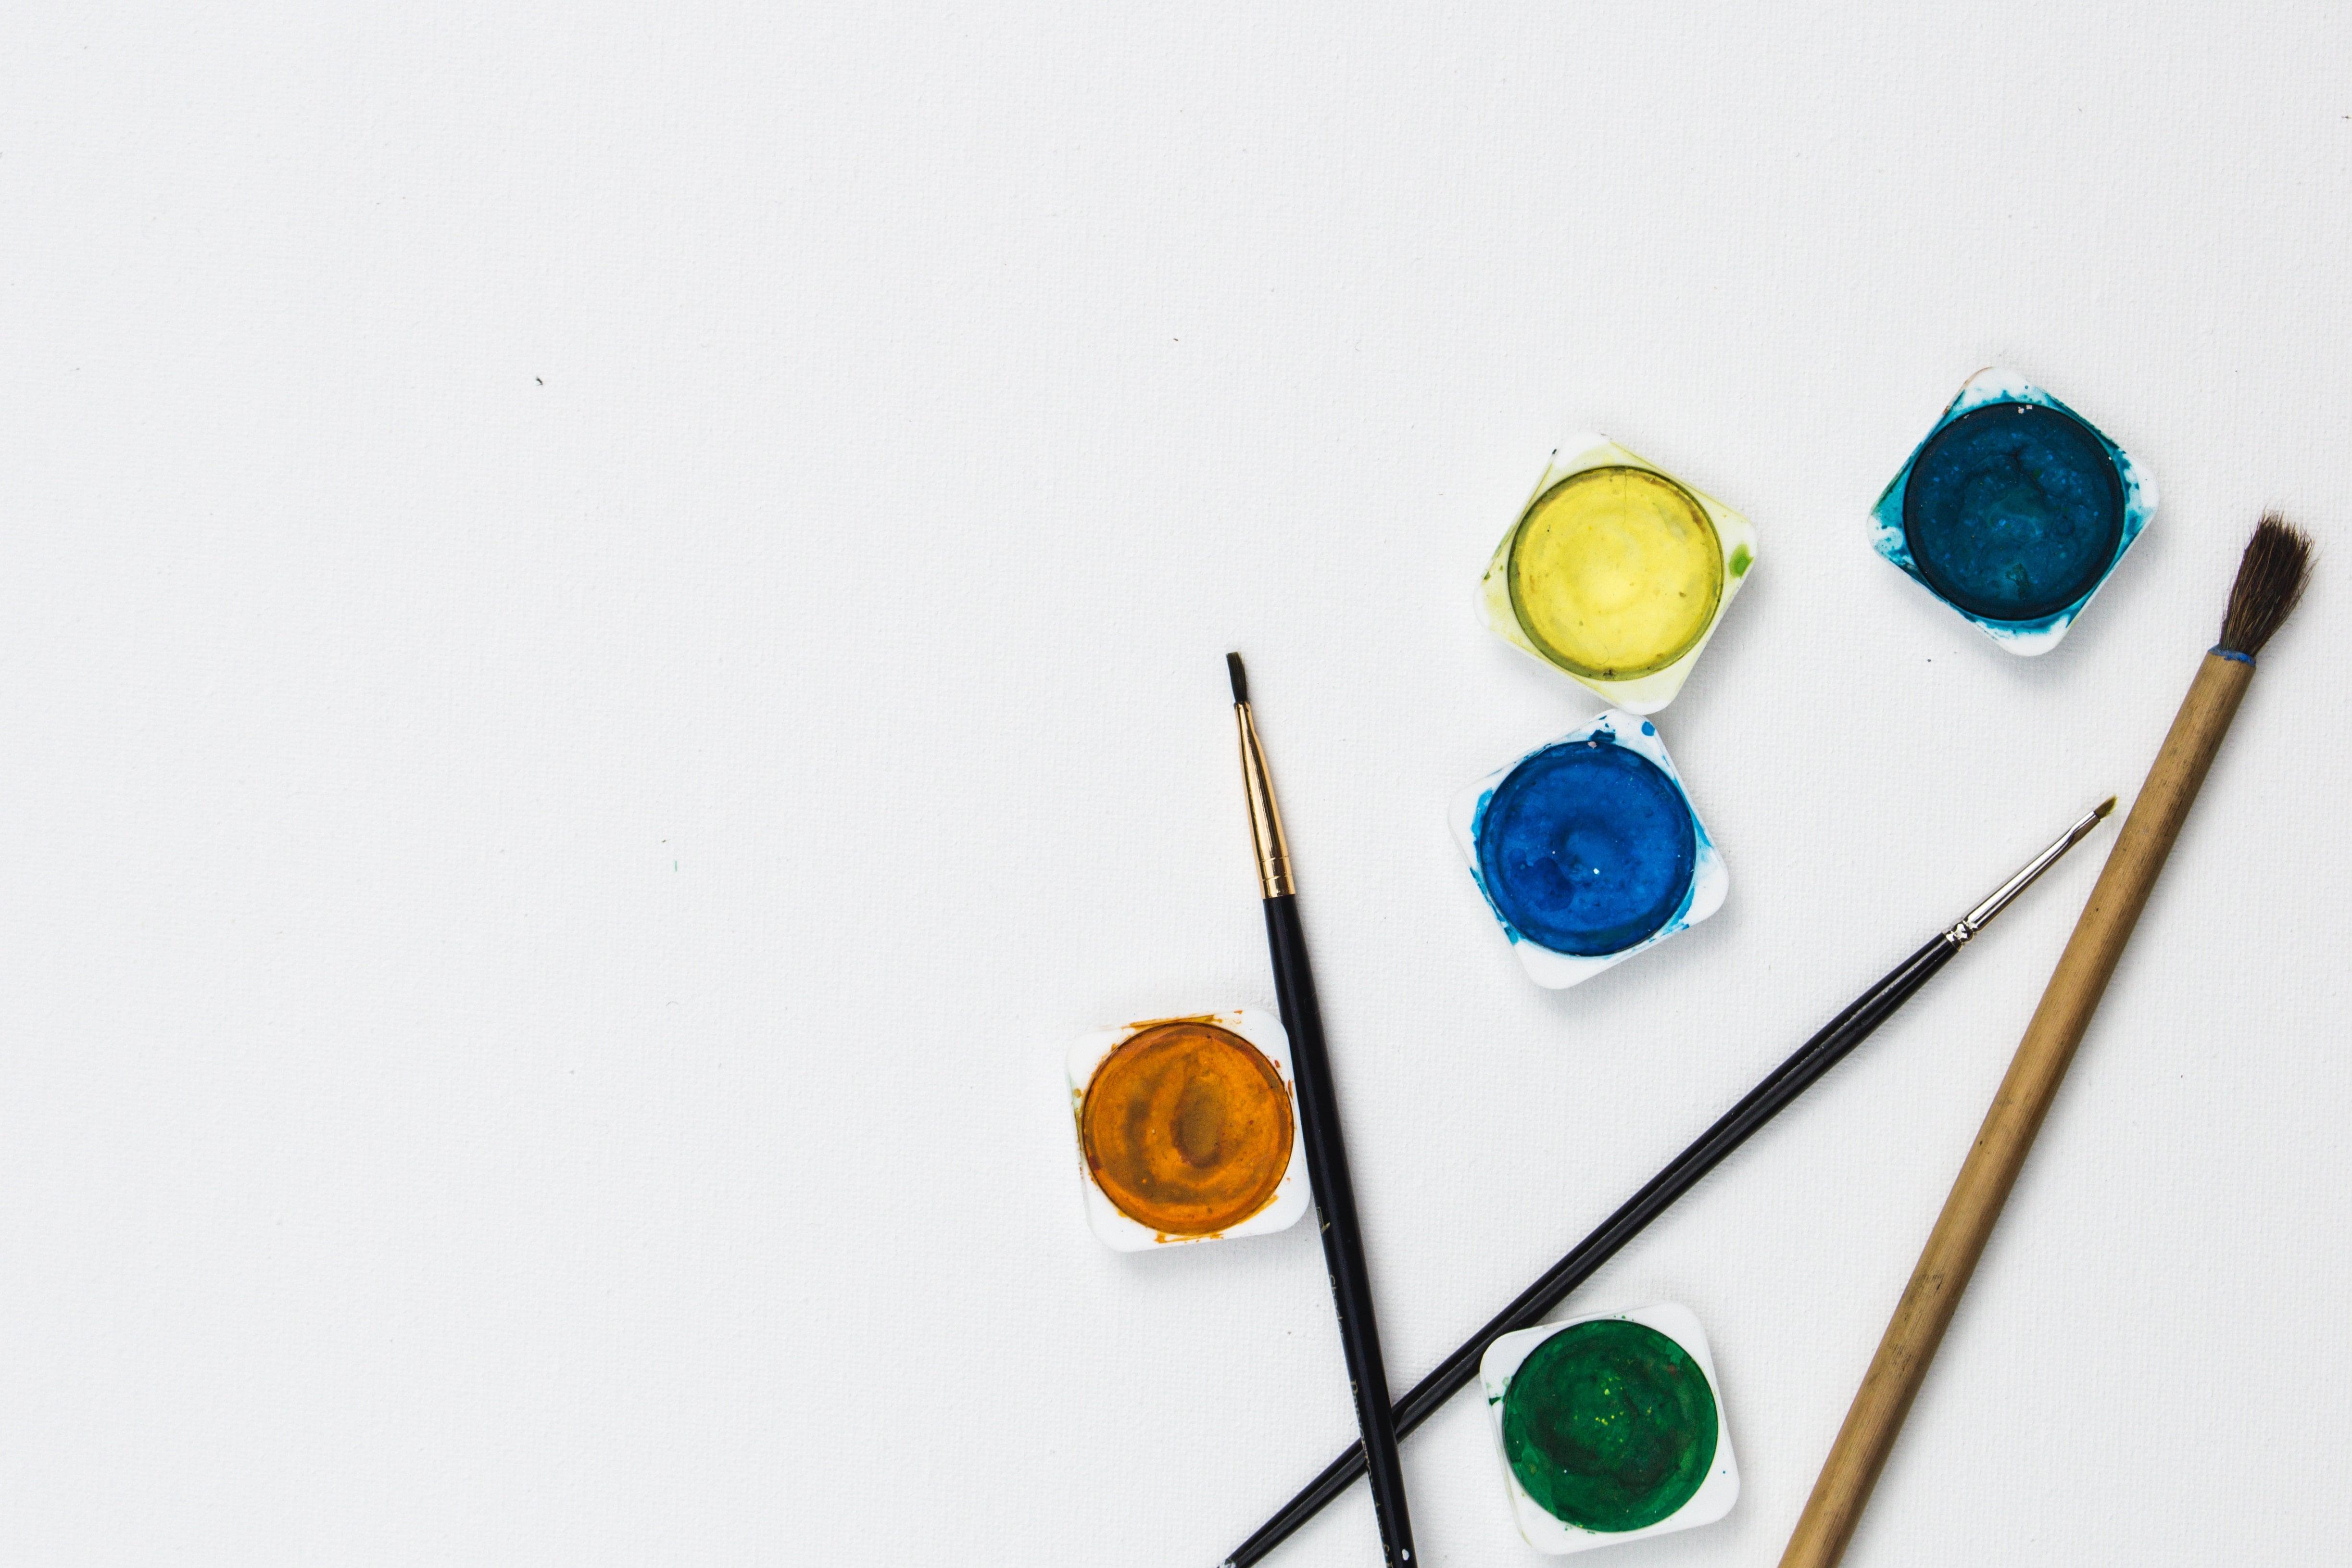 rozwój kreatywności jedna z zalet medytacji